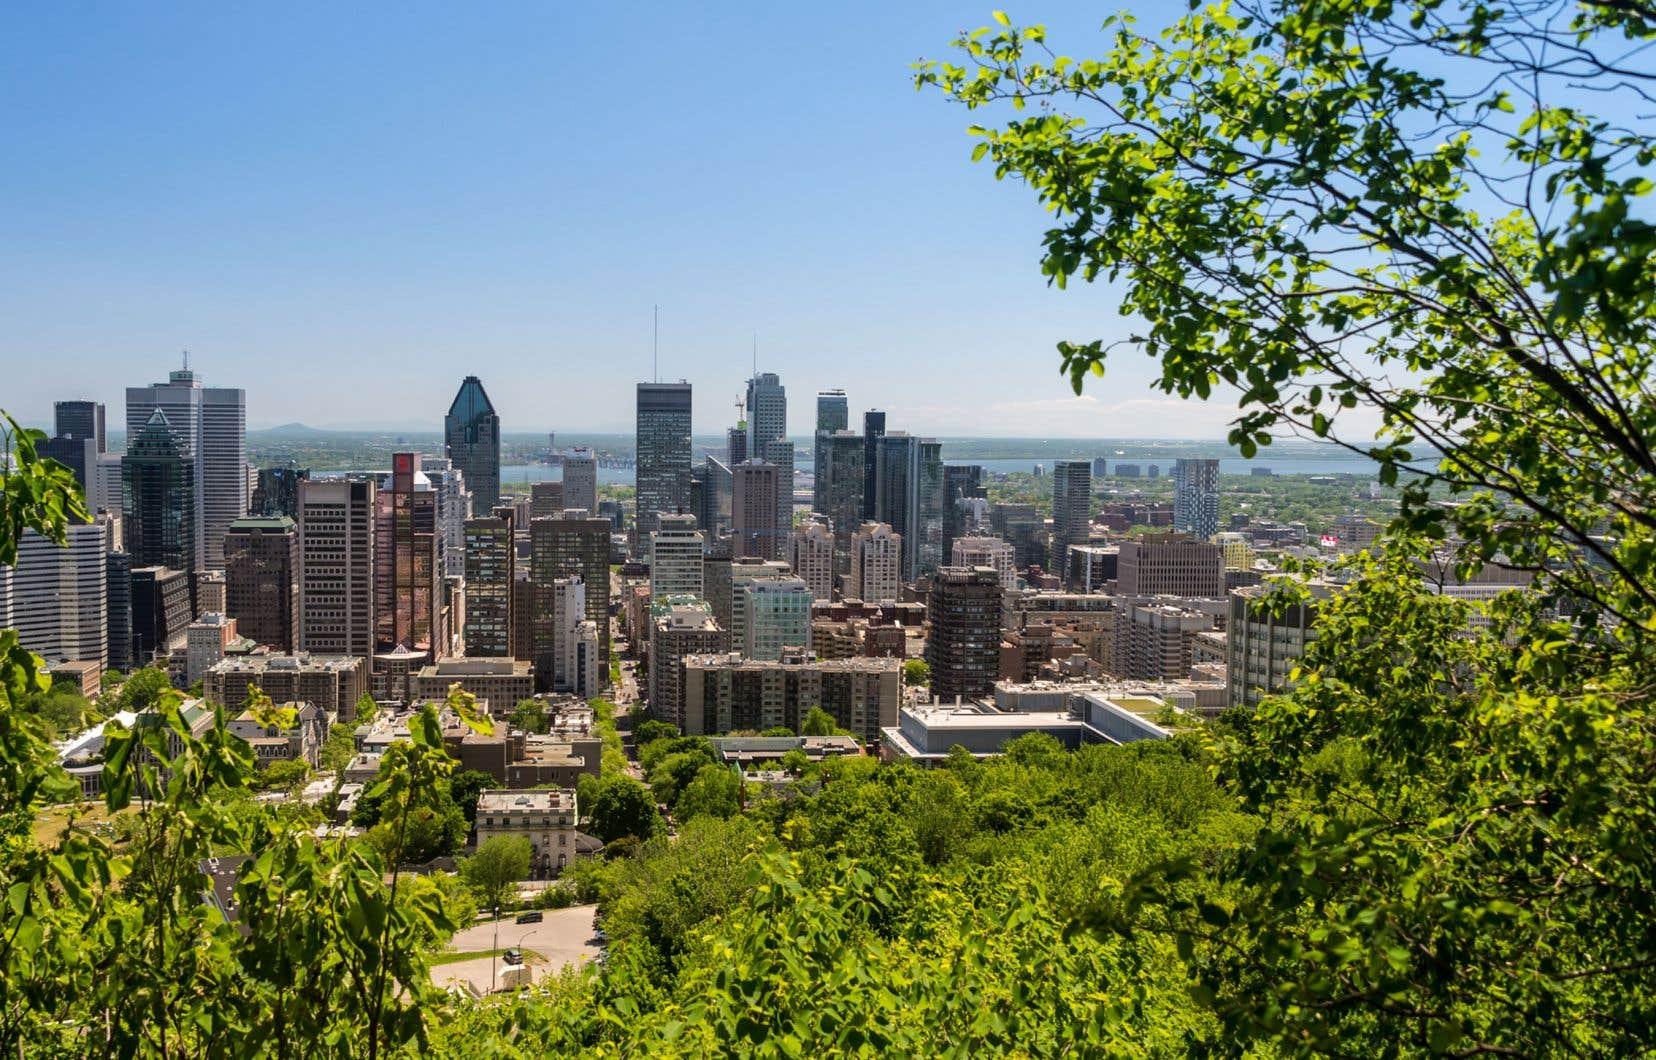 «Nous devons renouveler sans cesse cet engagement envers la montagne, qui non seulement confère à notre métropole un caractère distinctif et un rayonnement international, mais qui agit au quotidien sur la qualité de vie des Montréalaises et des Montréalais», estiment les signataires.